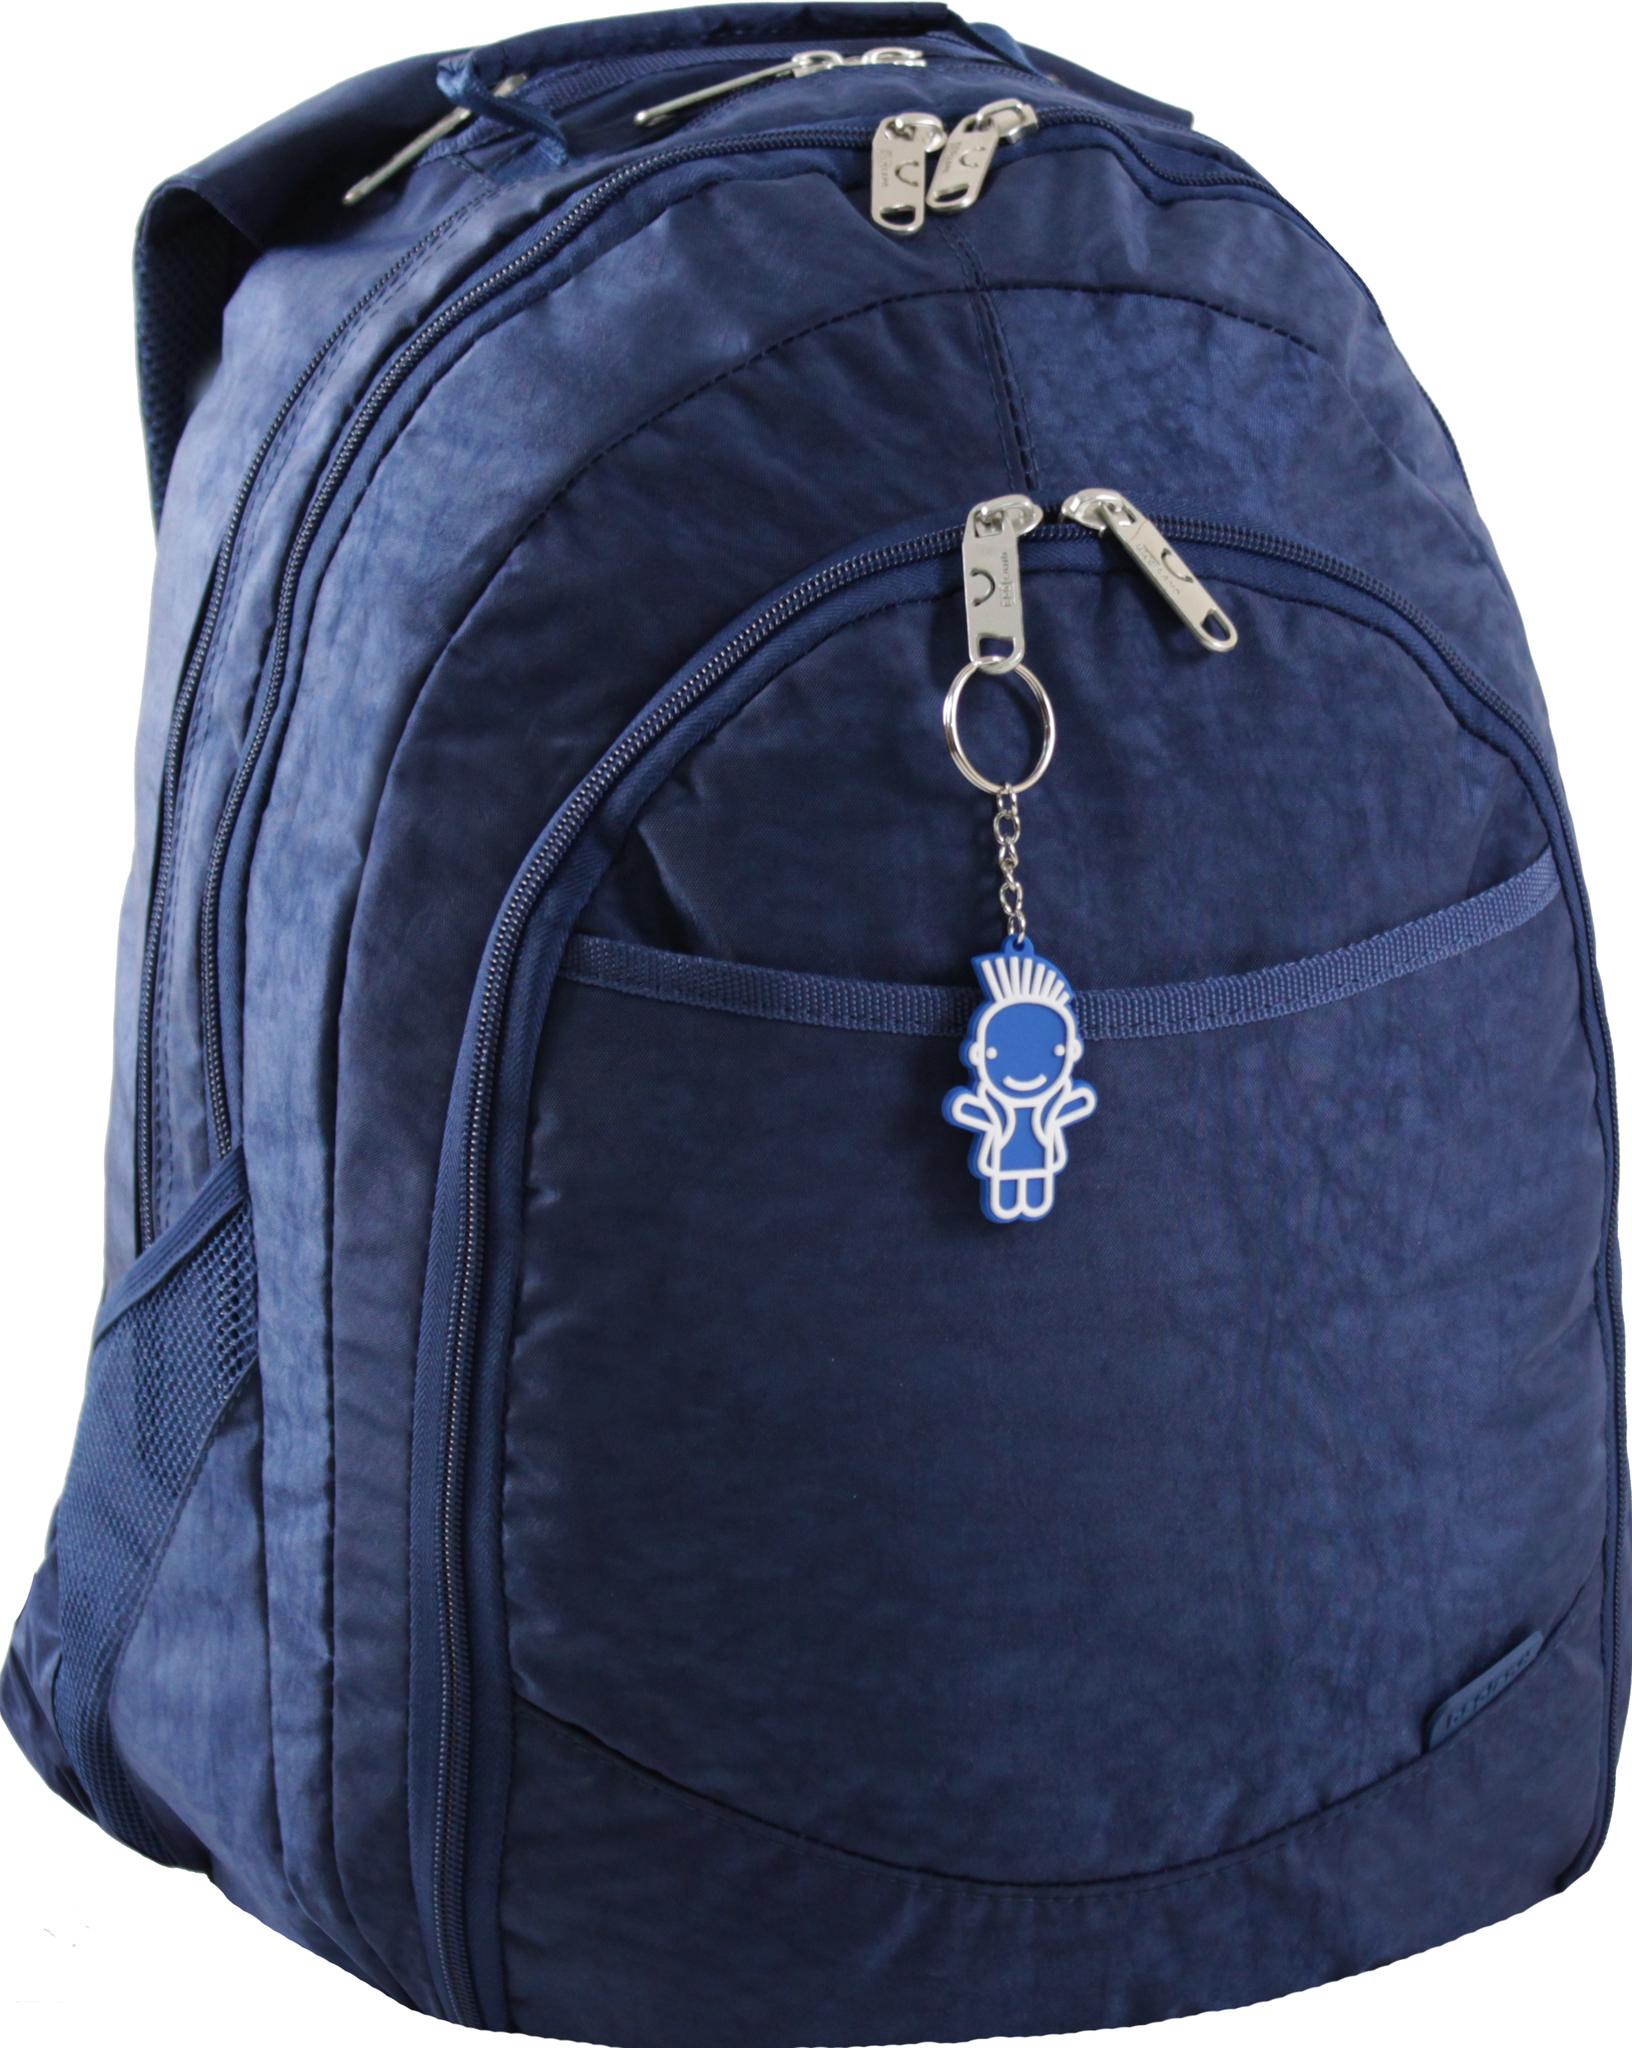 Городские рюкзаки Рюкзак Bagland Сити max 34 л. Синий (0053970) IMG_1359.JPG